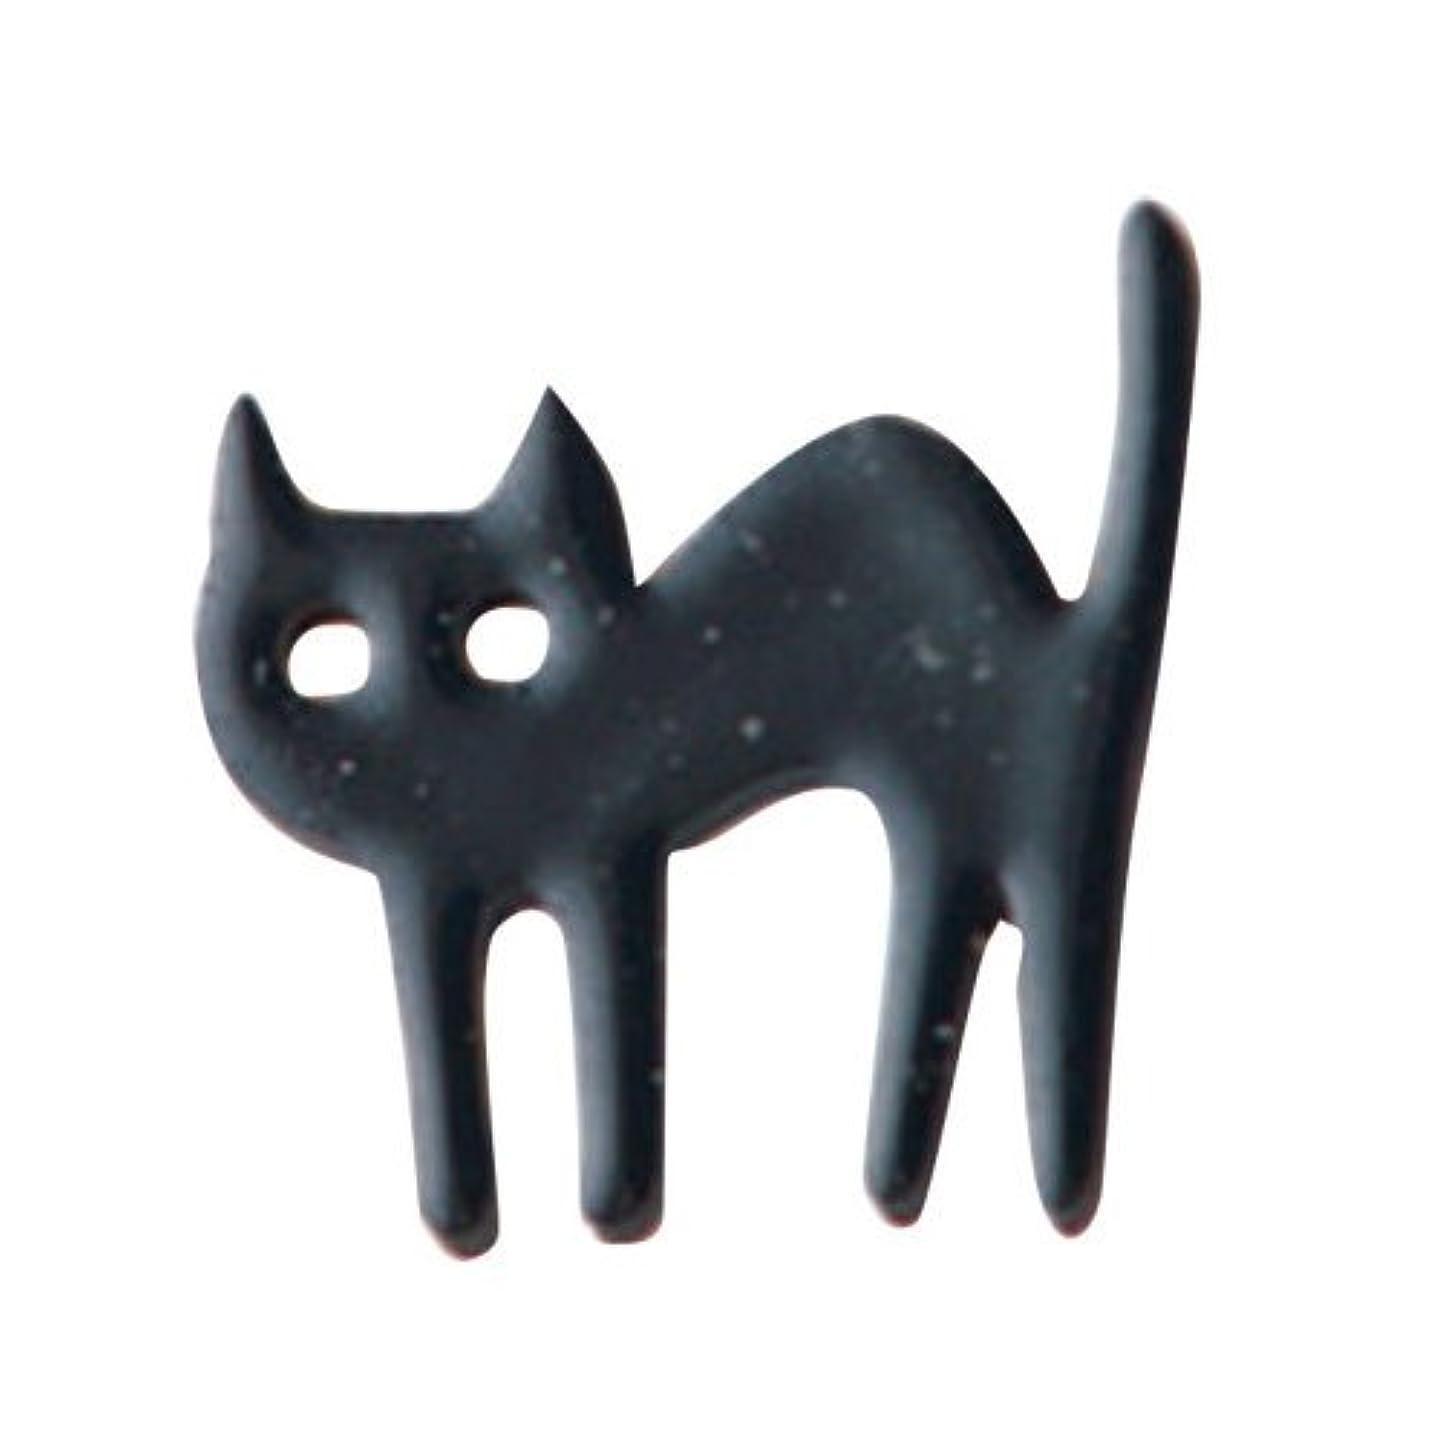 スクリュー評価する要求するリトルプリティー ネイルアートパーツ 猫 クロ 10個